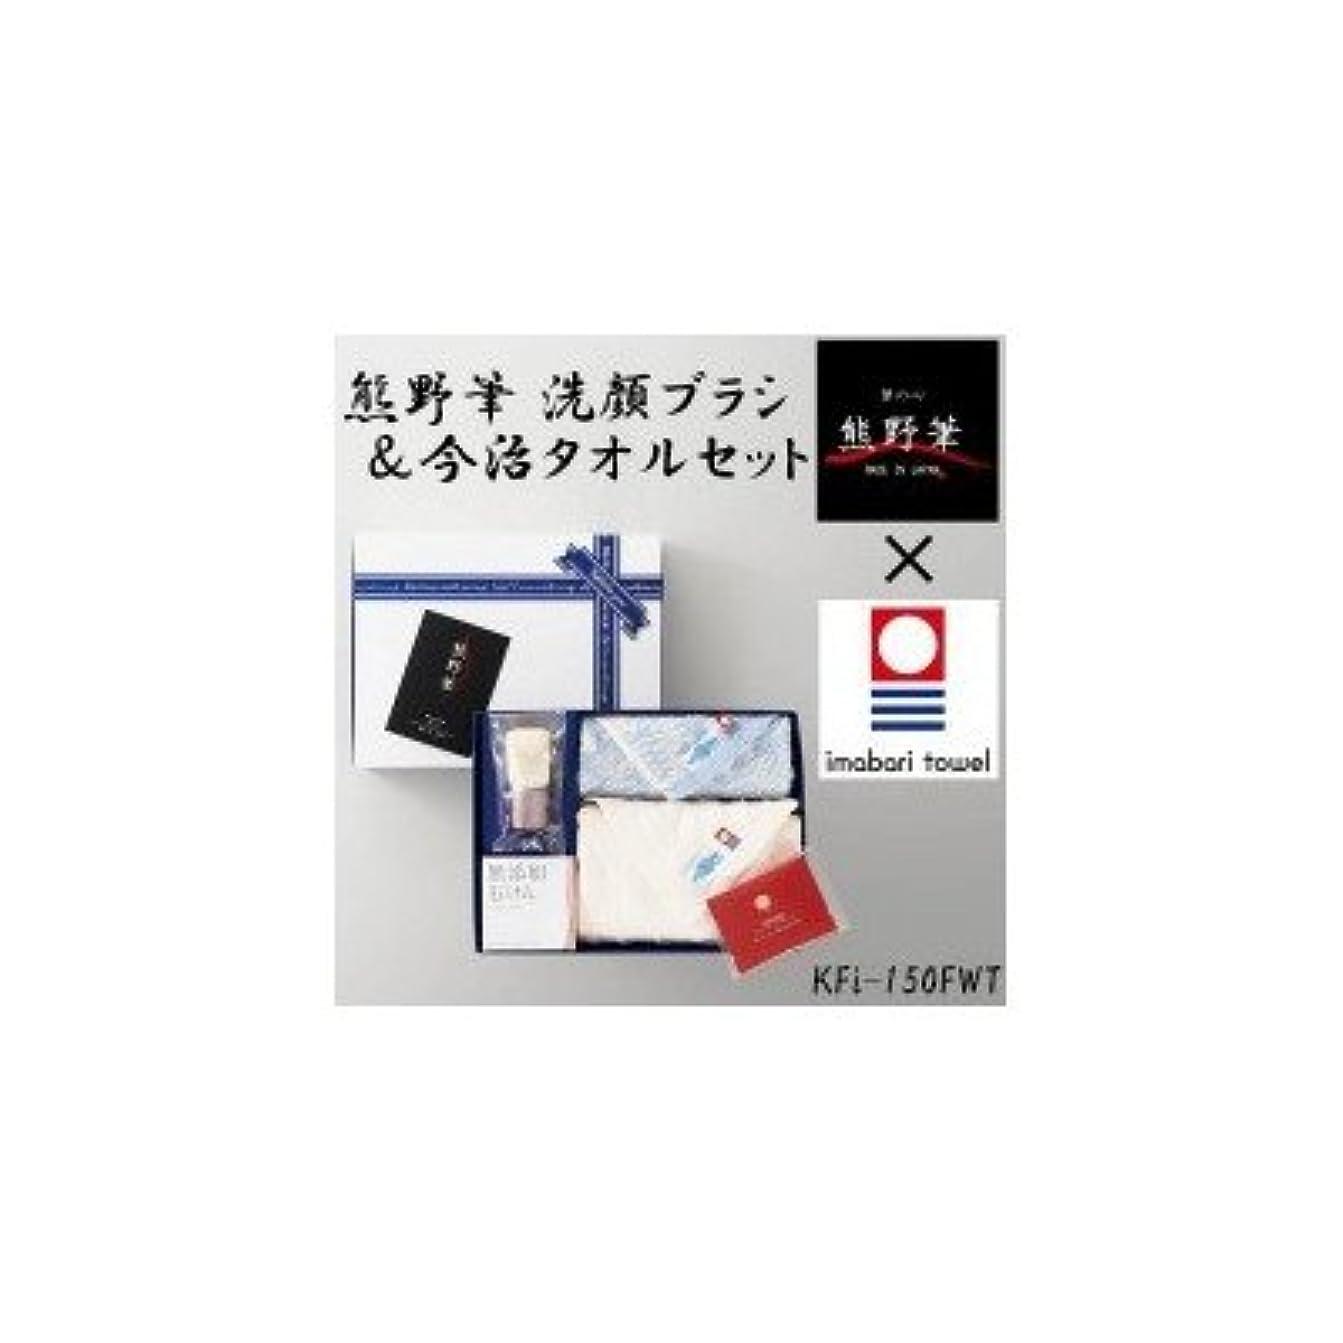 平等克服する水星熊野筆と今治タオルのコラボレーション 熊野筆 洗顔ブラシ&今治タオルセット KFi-150FWT